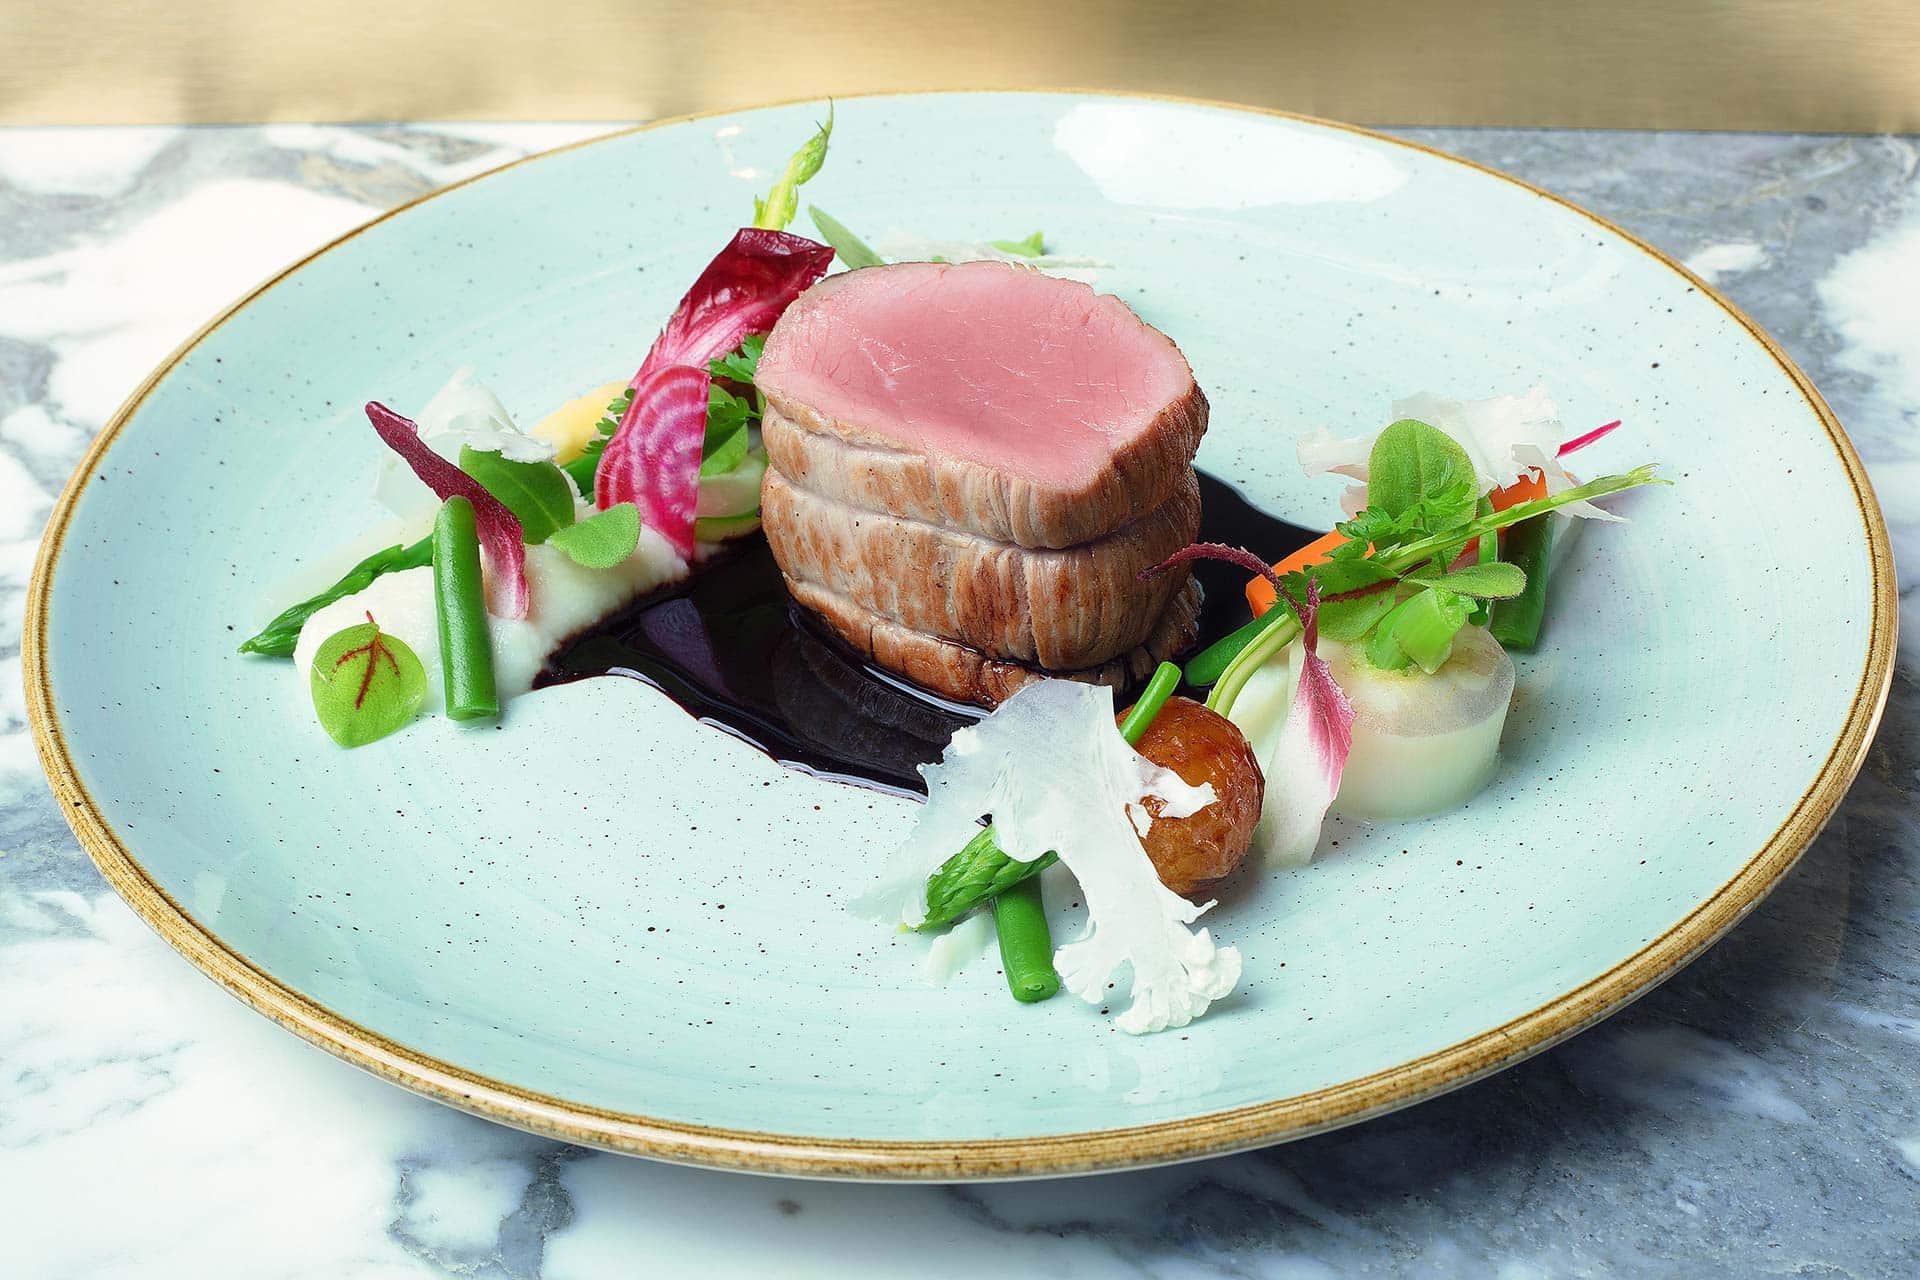 Un menu Fusion révélant la magie du goût, aussi bien côté viandes que poisson